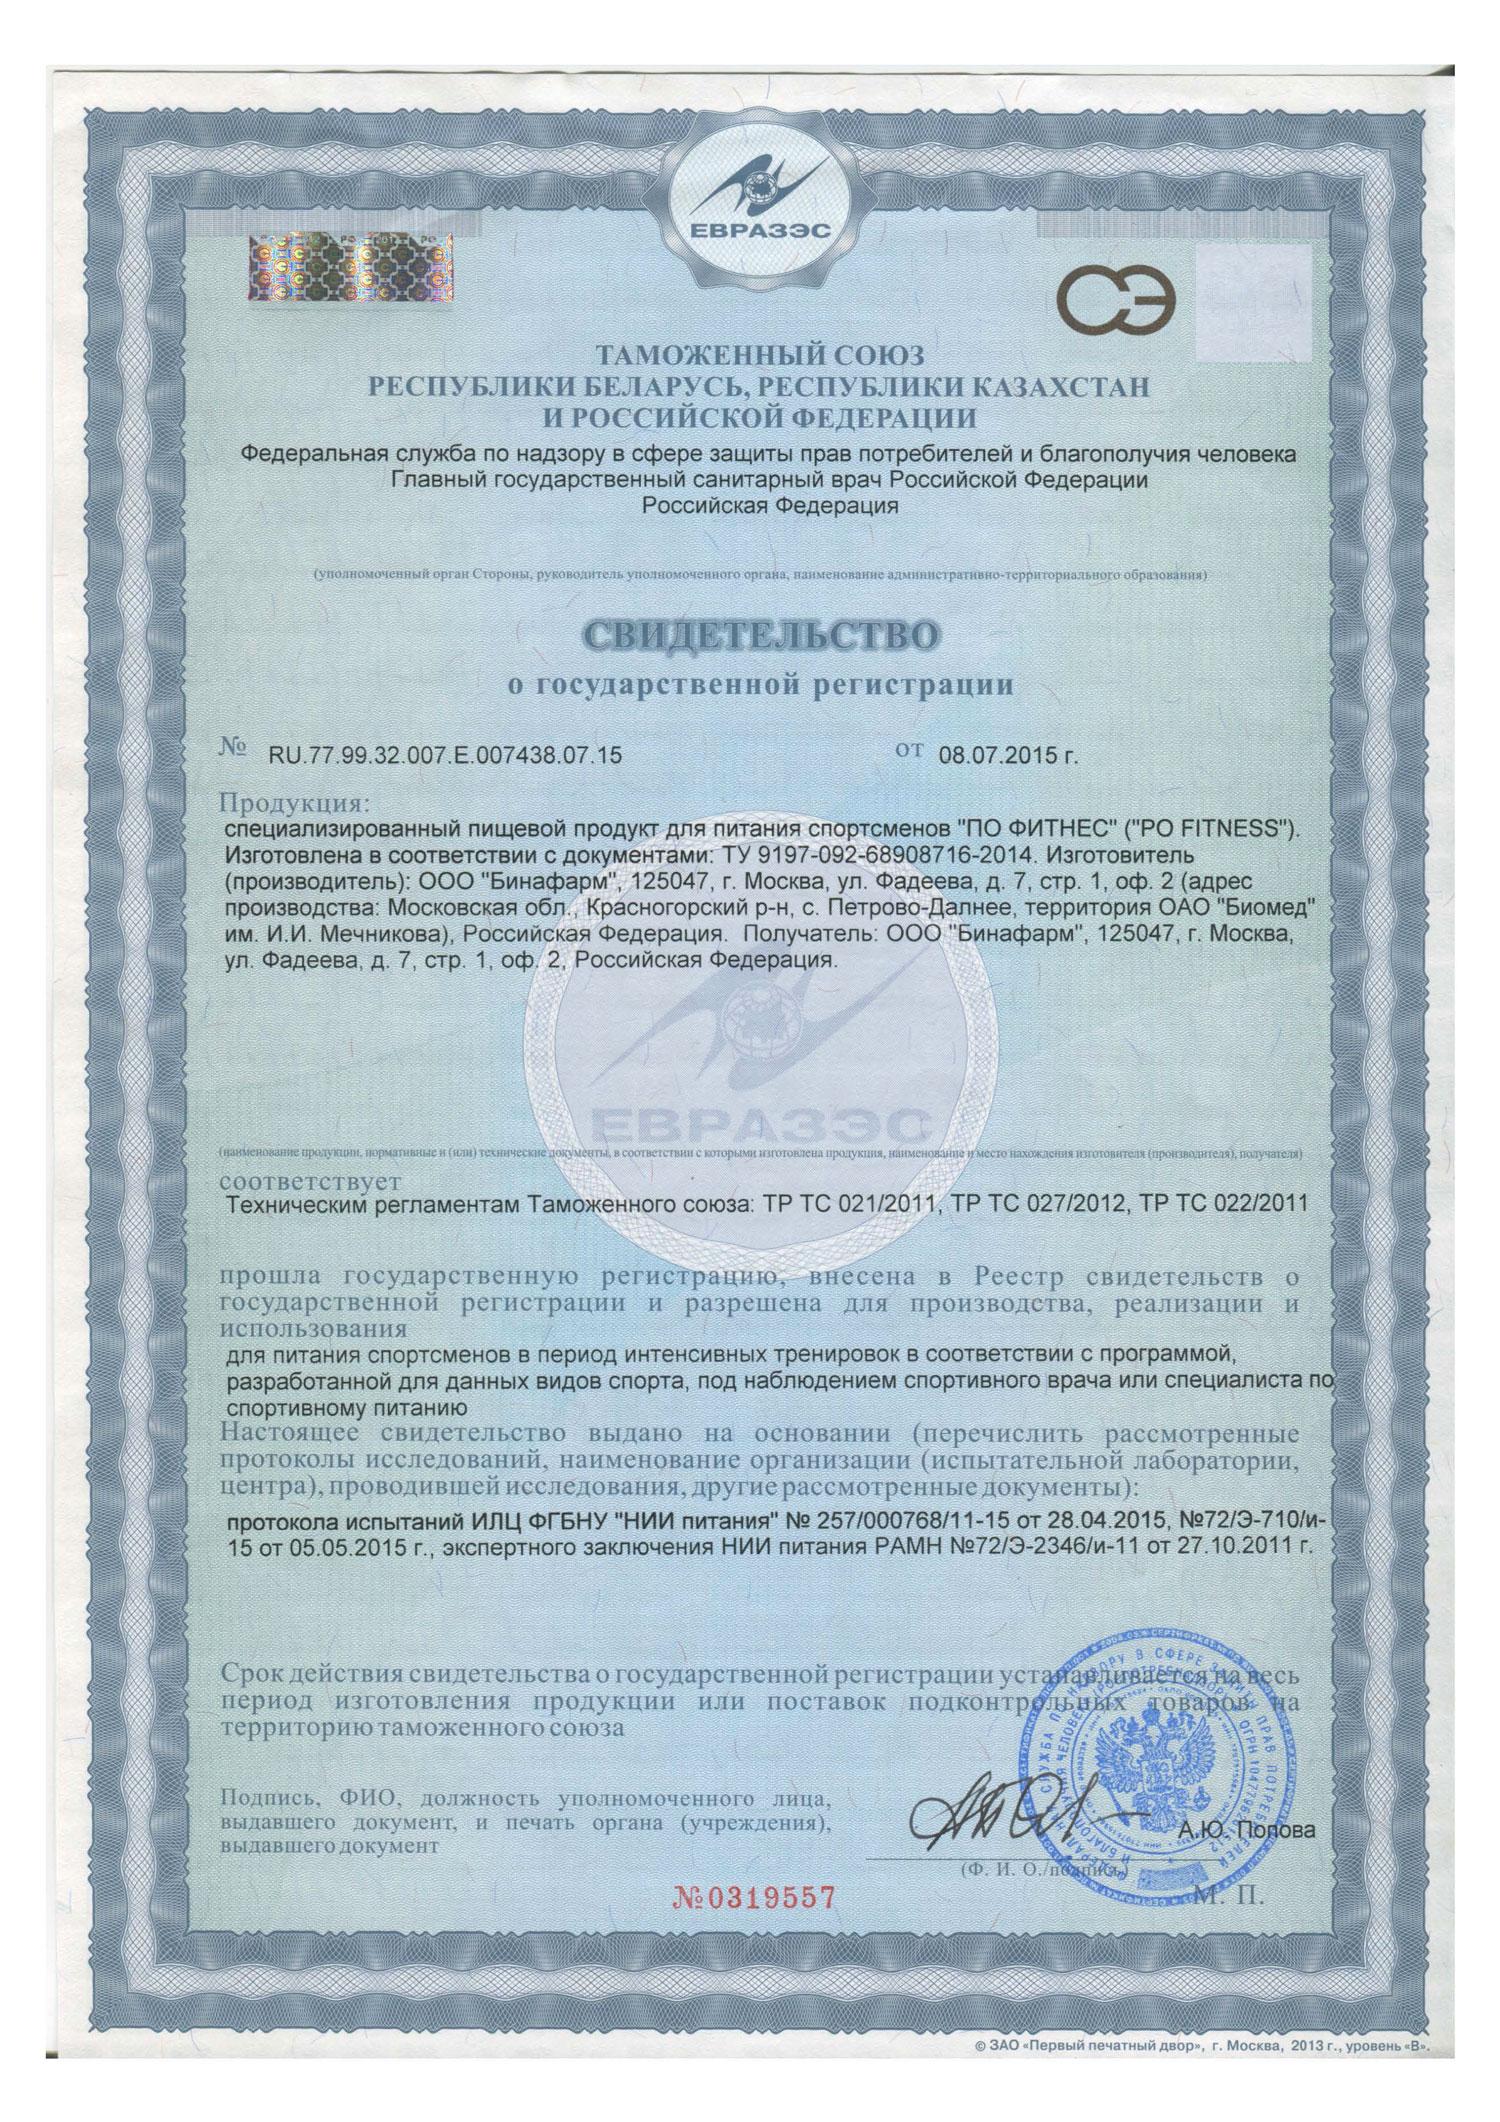 Сертификат ПО Фитнесс